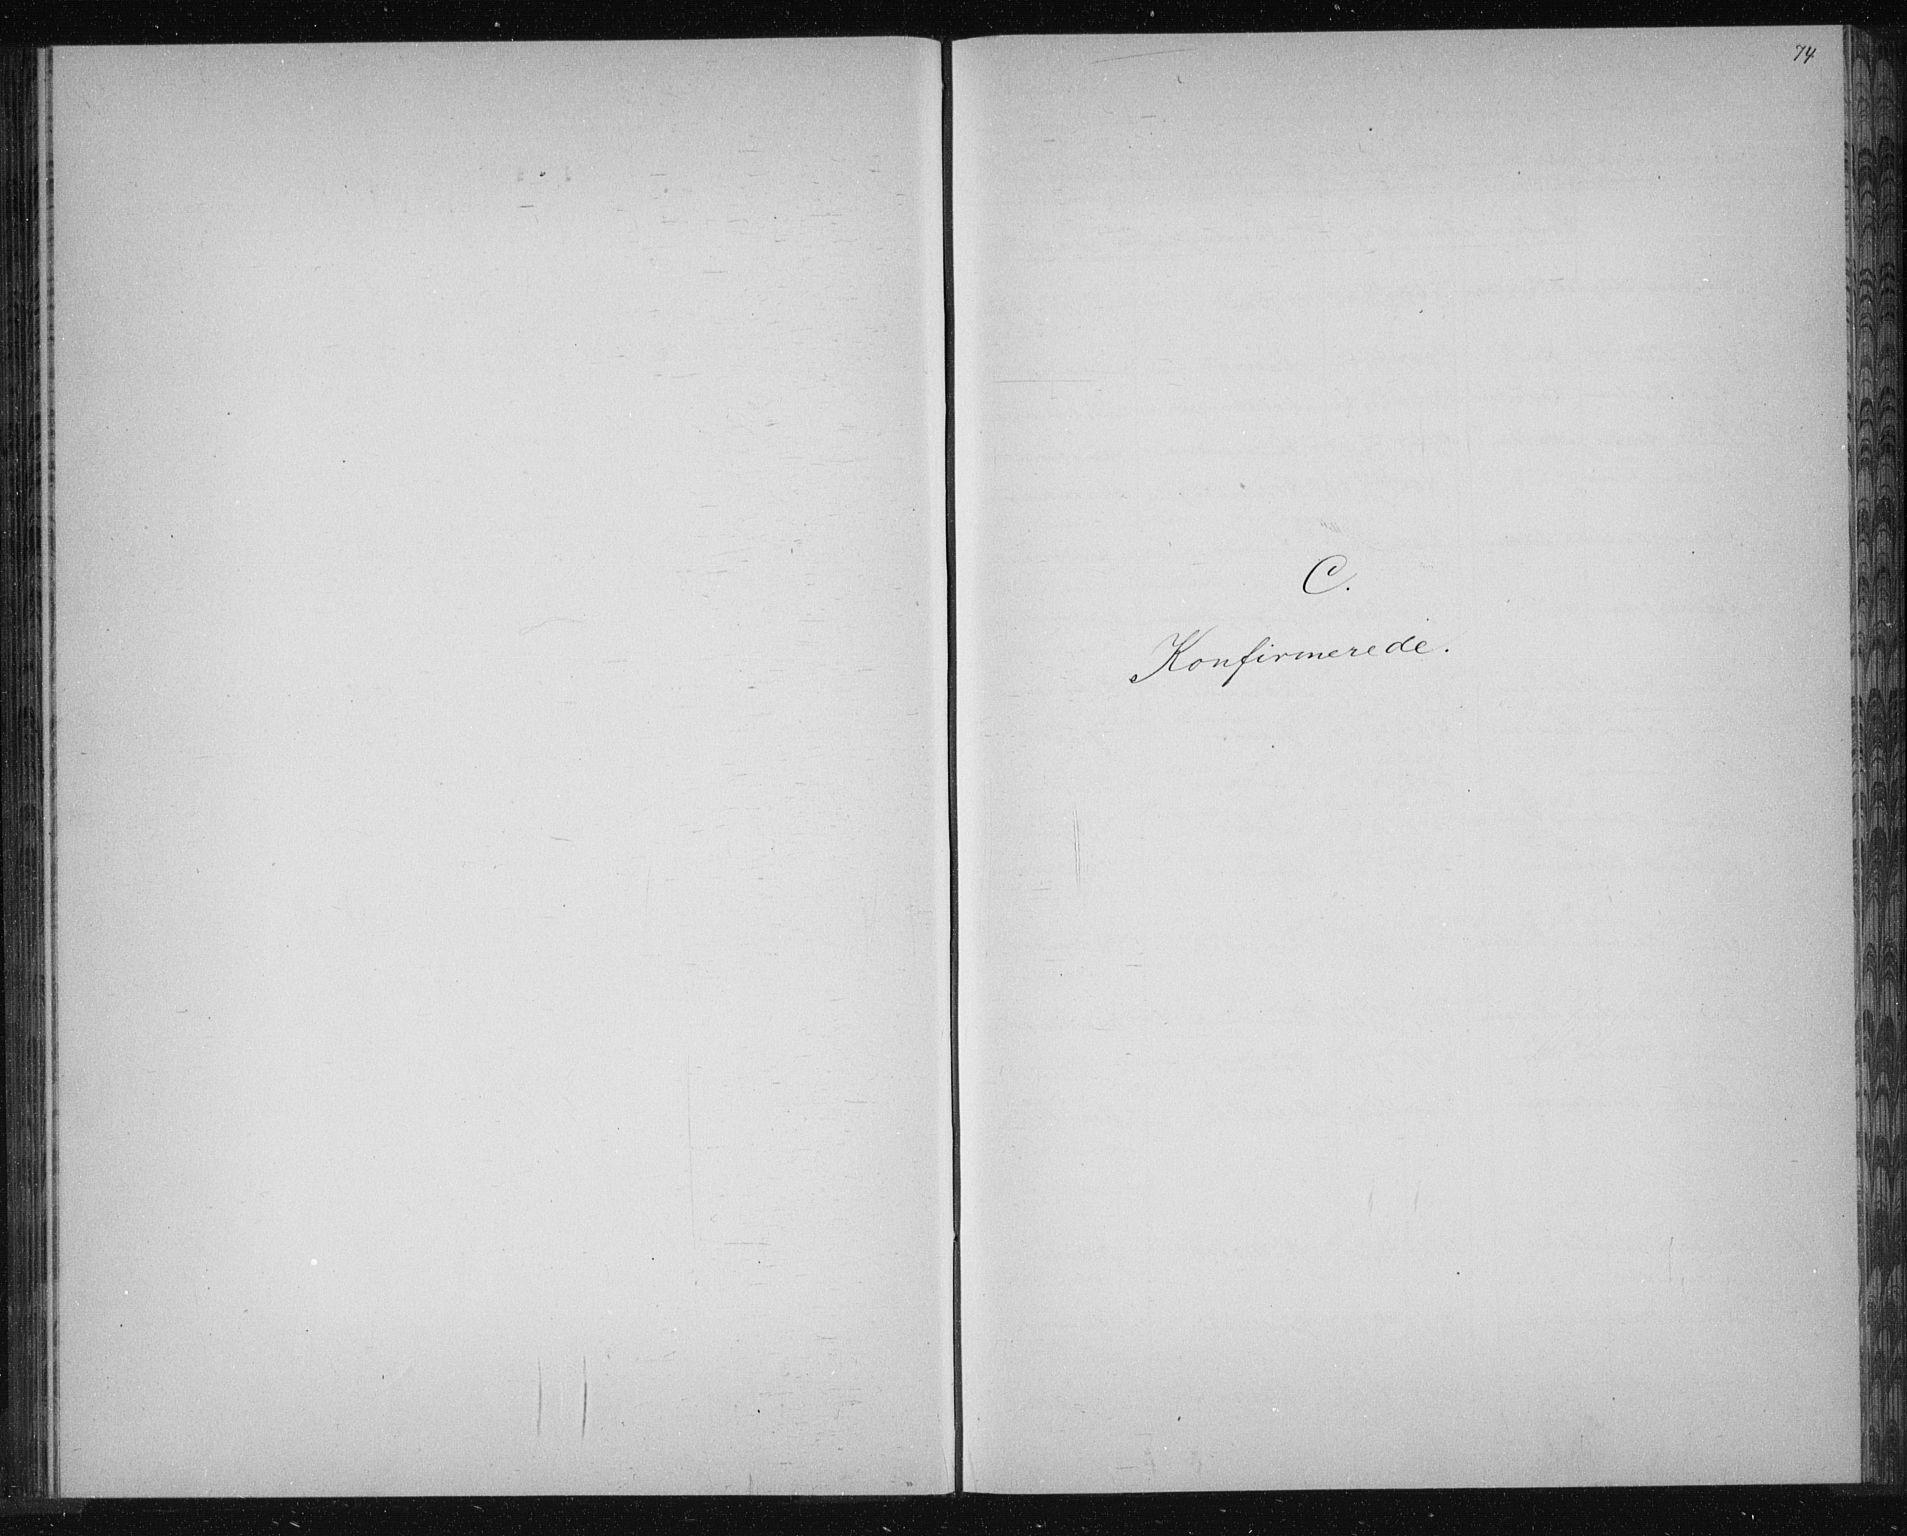 SAKO, Solum kirkebøker, G/Ga/L0006: Klokkerbok nr. I 6, 1882-1883, s. 74